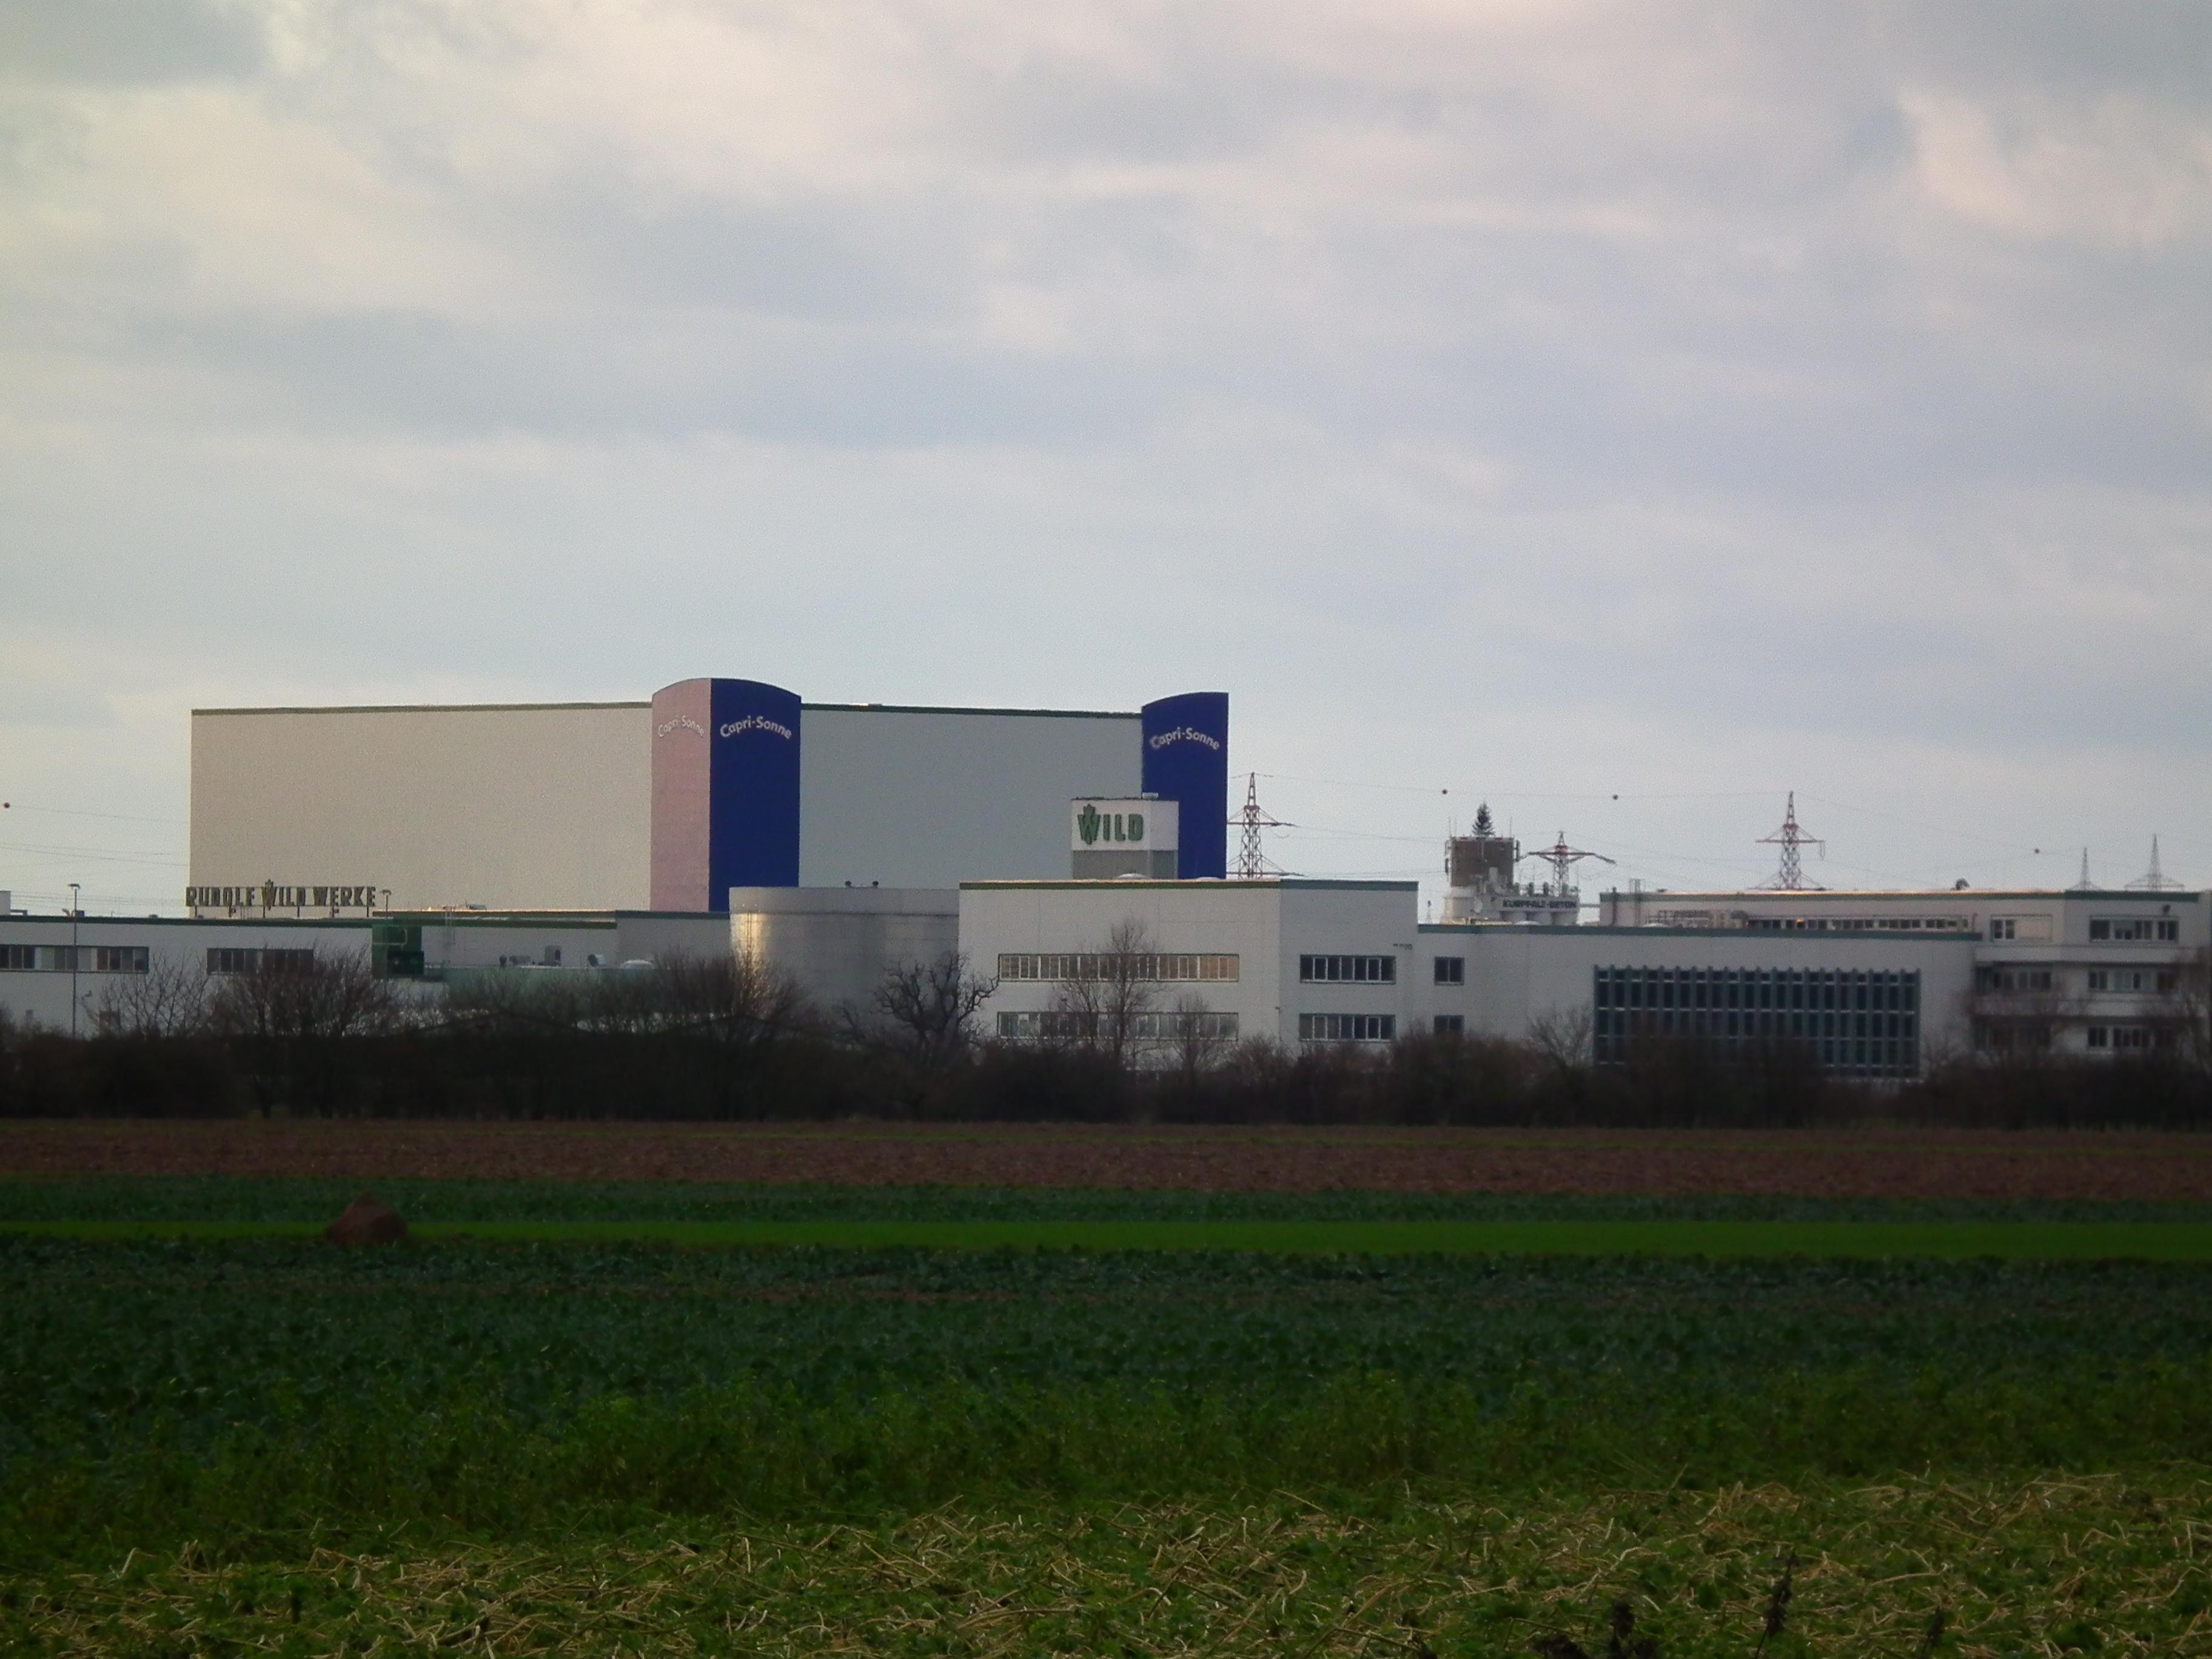 Wild Werke Eppelheim